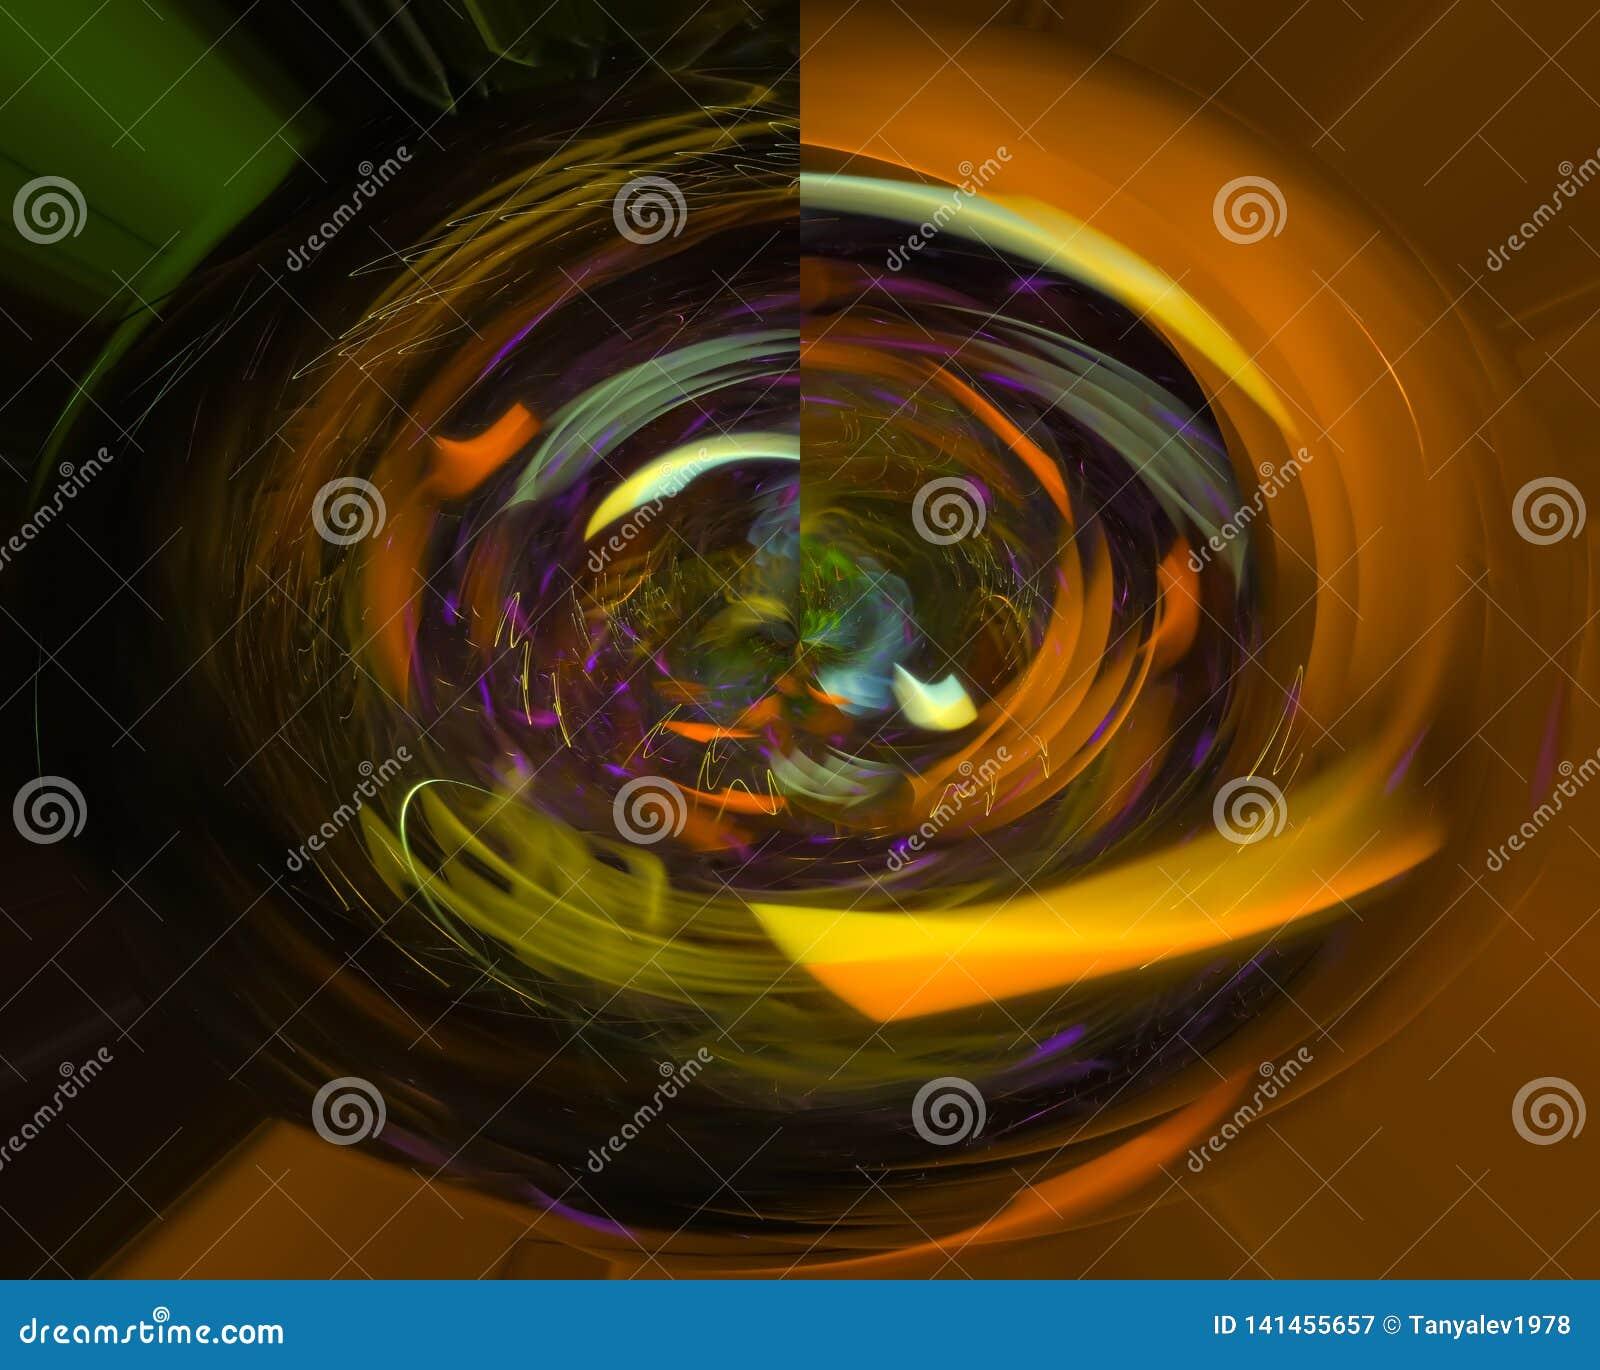 элегантность абстрактной цифровой фрактали творческая, динамика